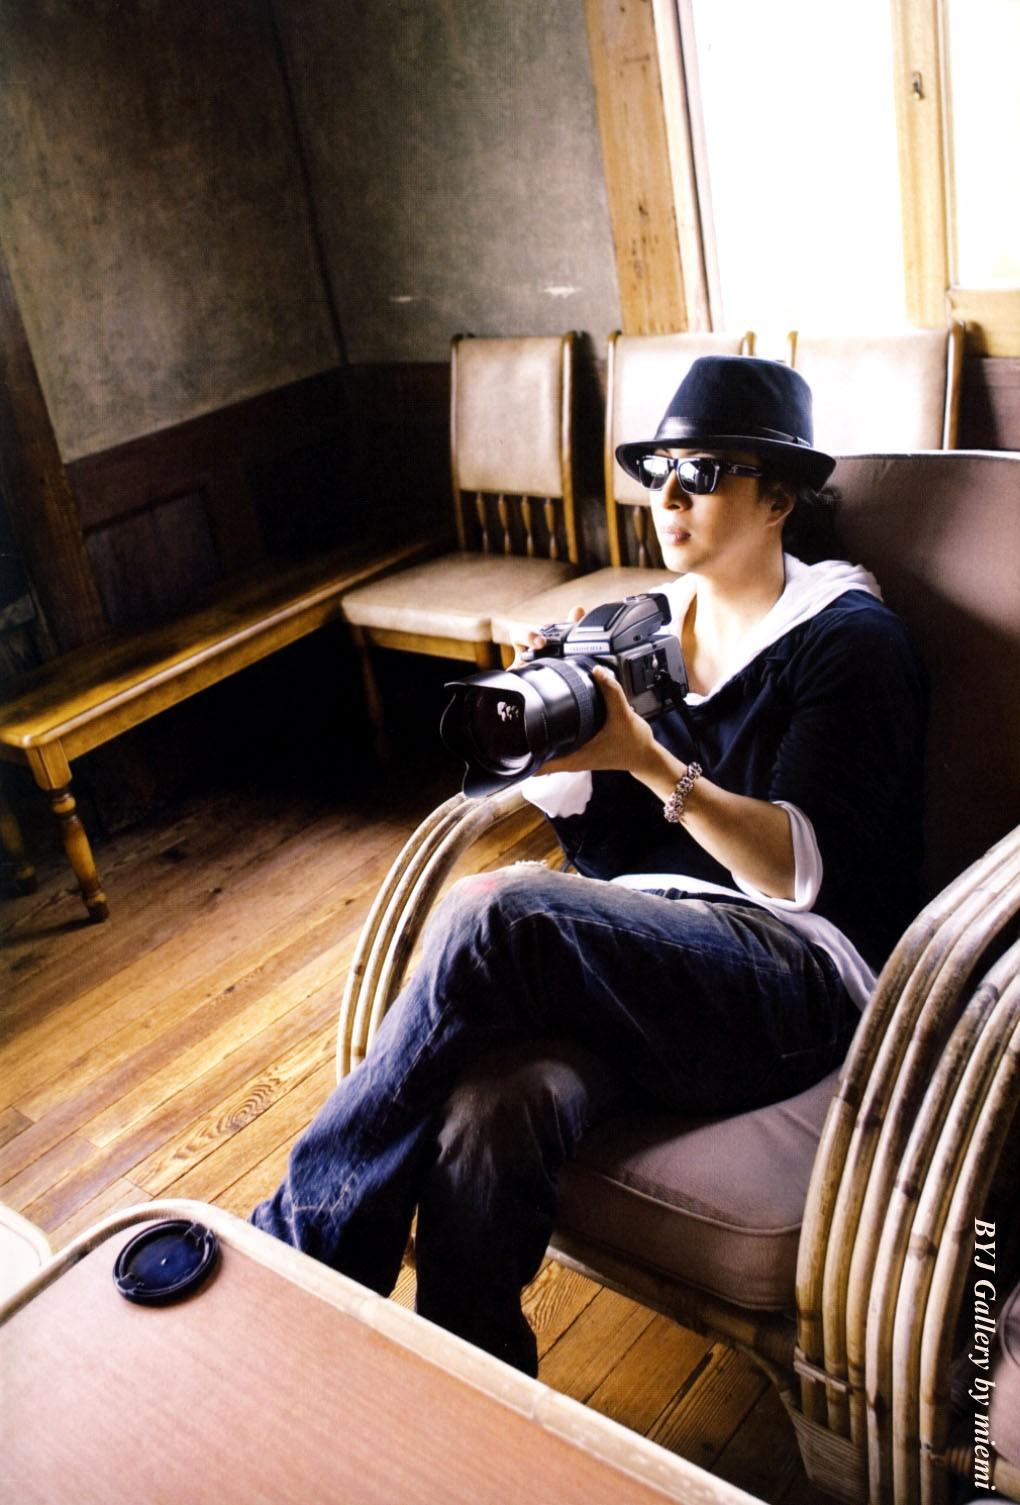 ヨン様のドラマ制作について~。_d0060693_20125992.jpg